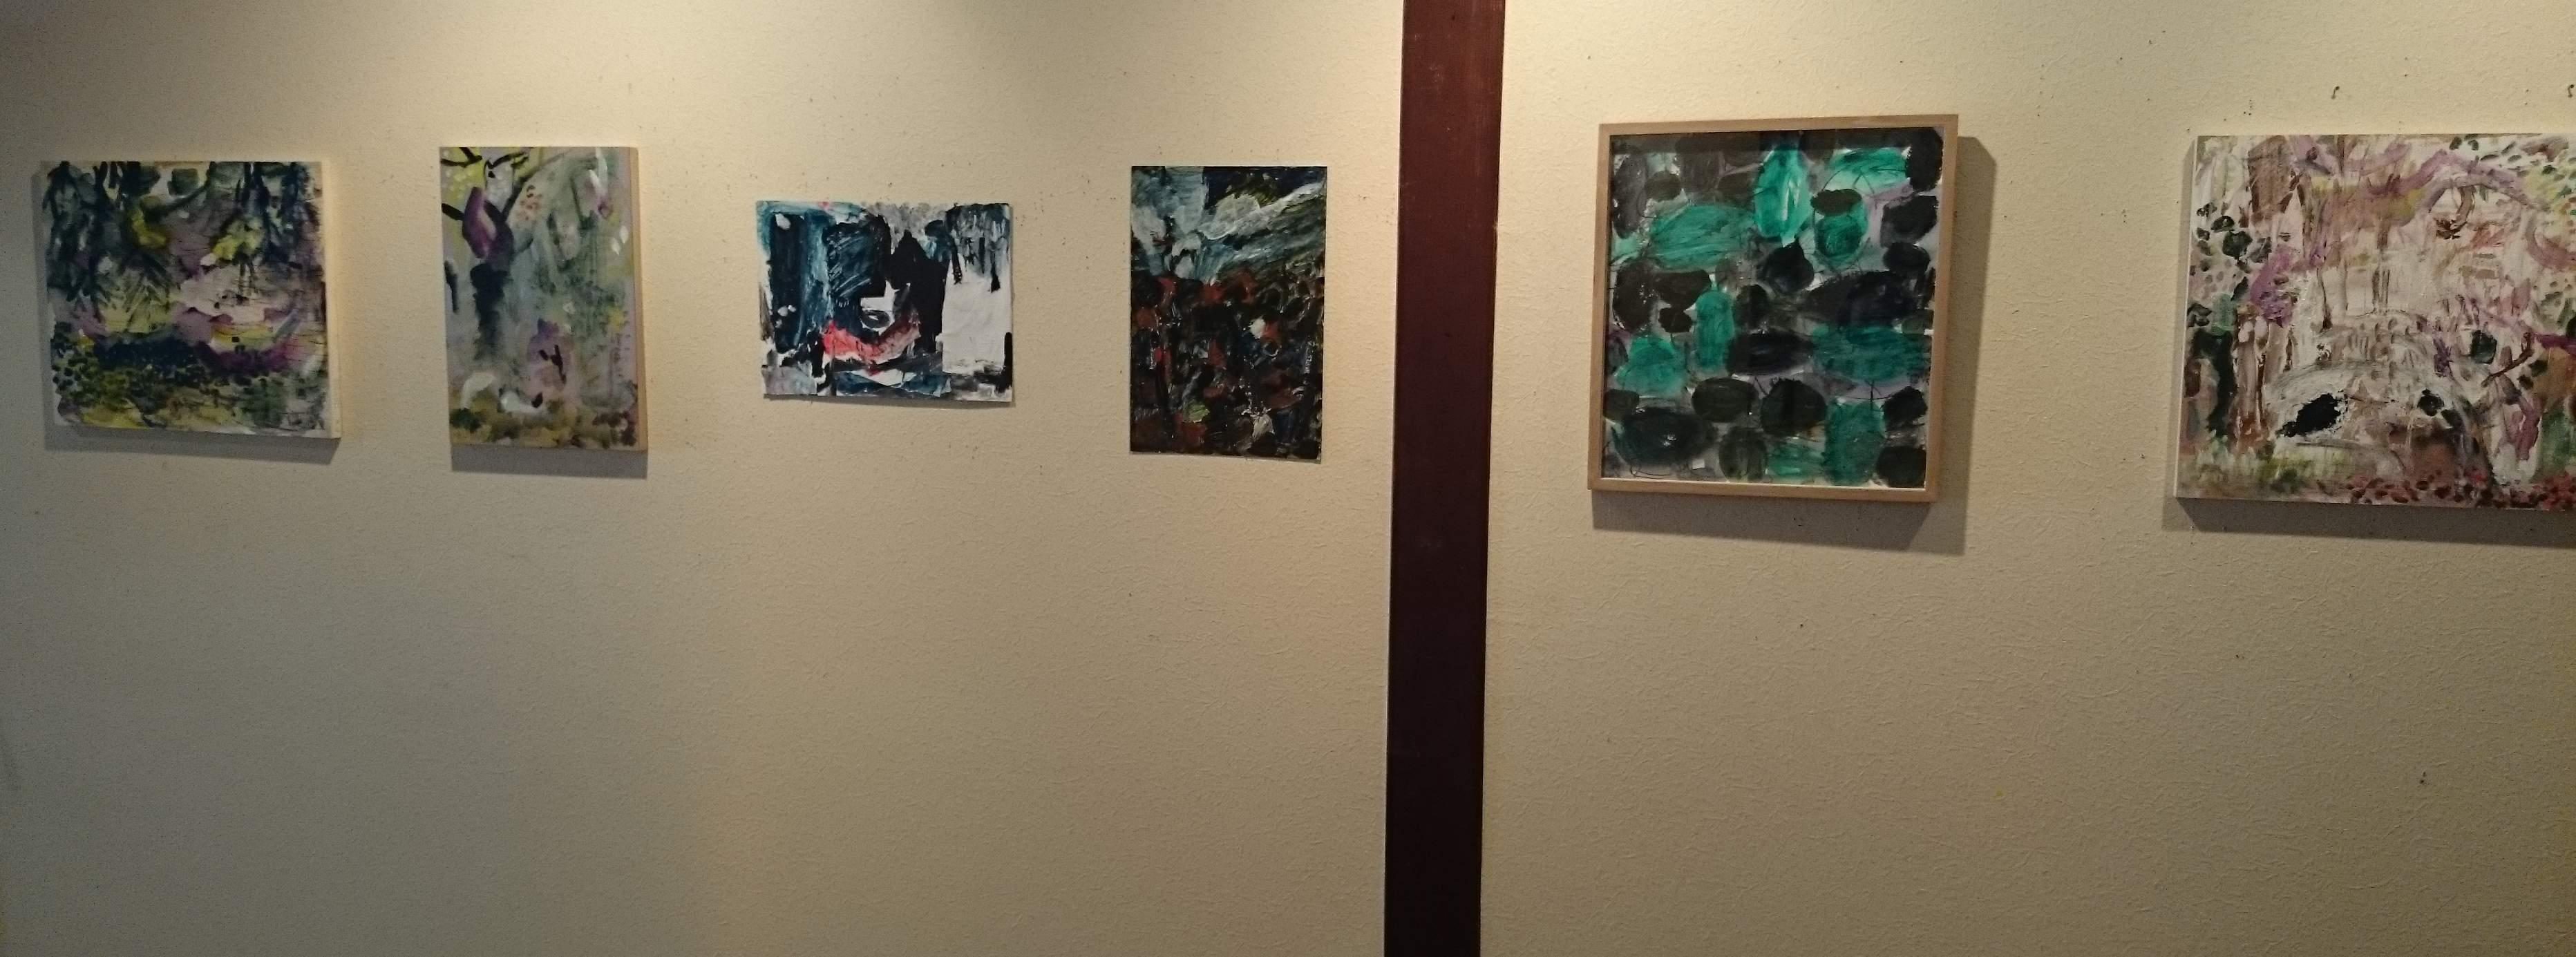 明日から福田紀子展が始まります_a0265743_23563716.jpg